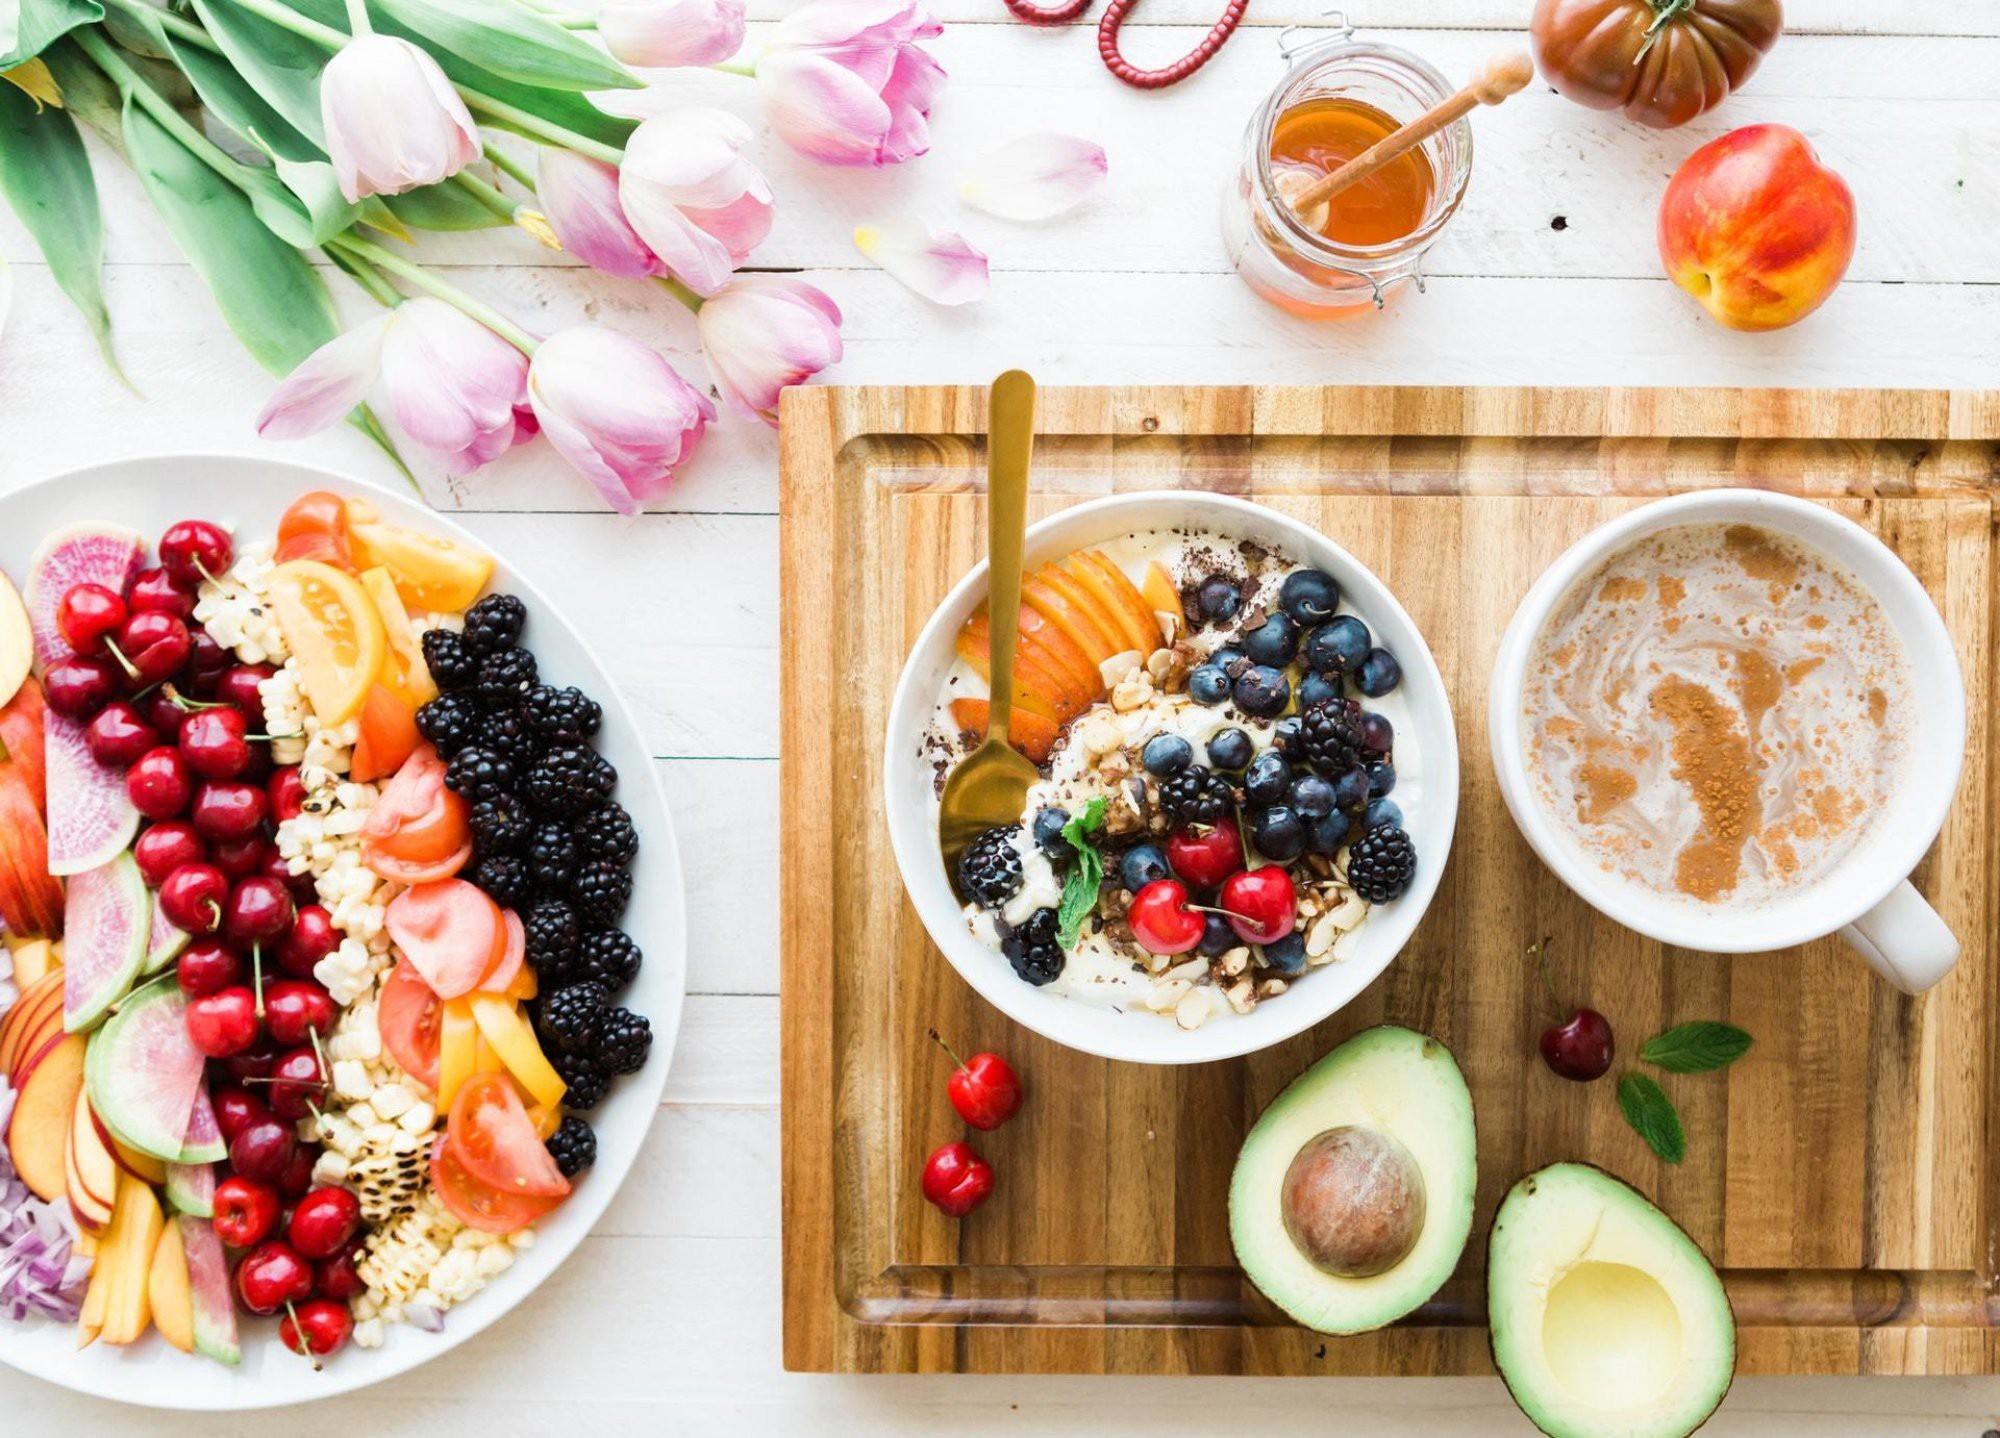 ما الذي يجب أن تعرفه عن تناول الفاكهة إن كنت مريضًا بالسكري - الحمية الغذائية للفاكهة - سكر القصب، والسكر المُحوّل- سكر القصب، والسكر المحول